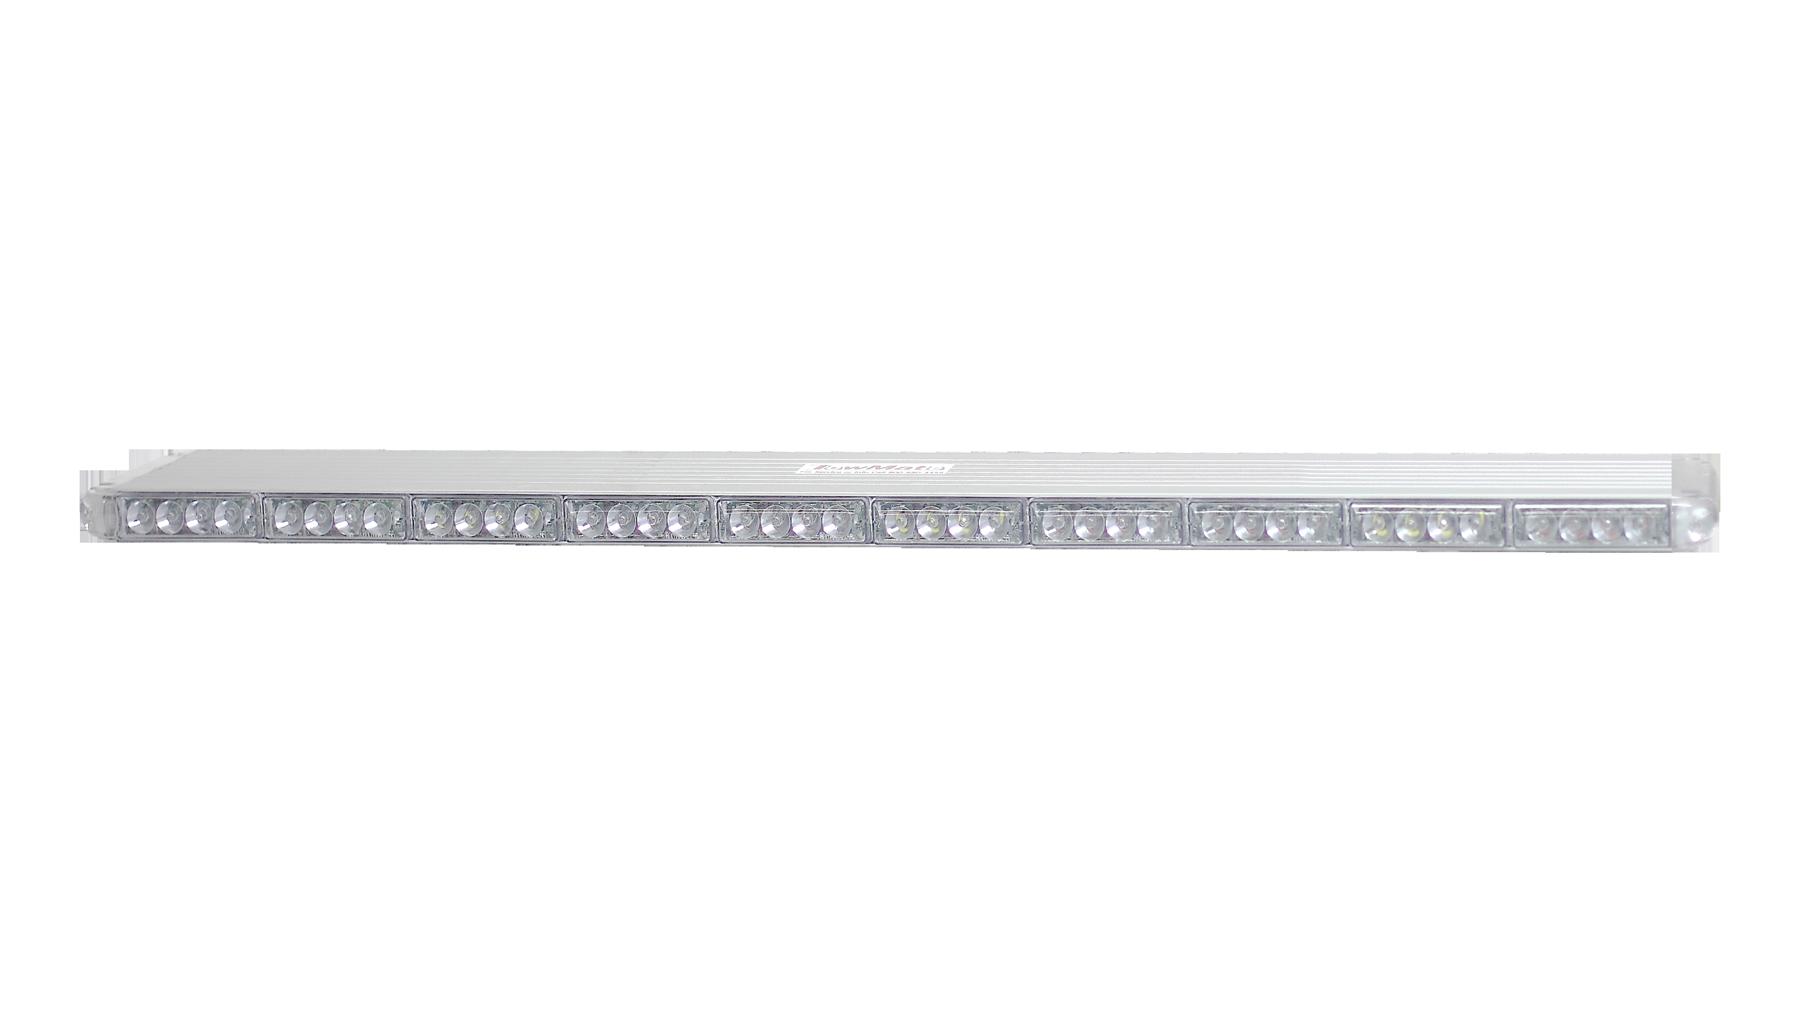 Pcx48 led light bar home power link pcx light bars pcx48 led light bar aloadofball Gallery